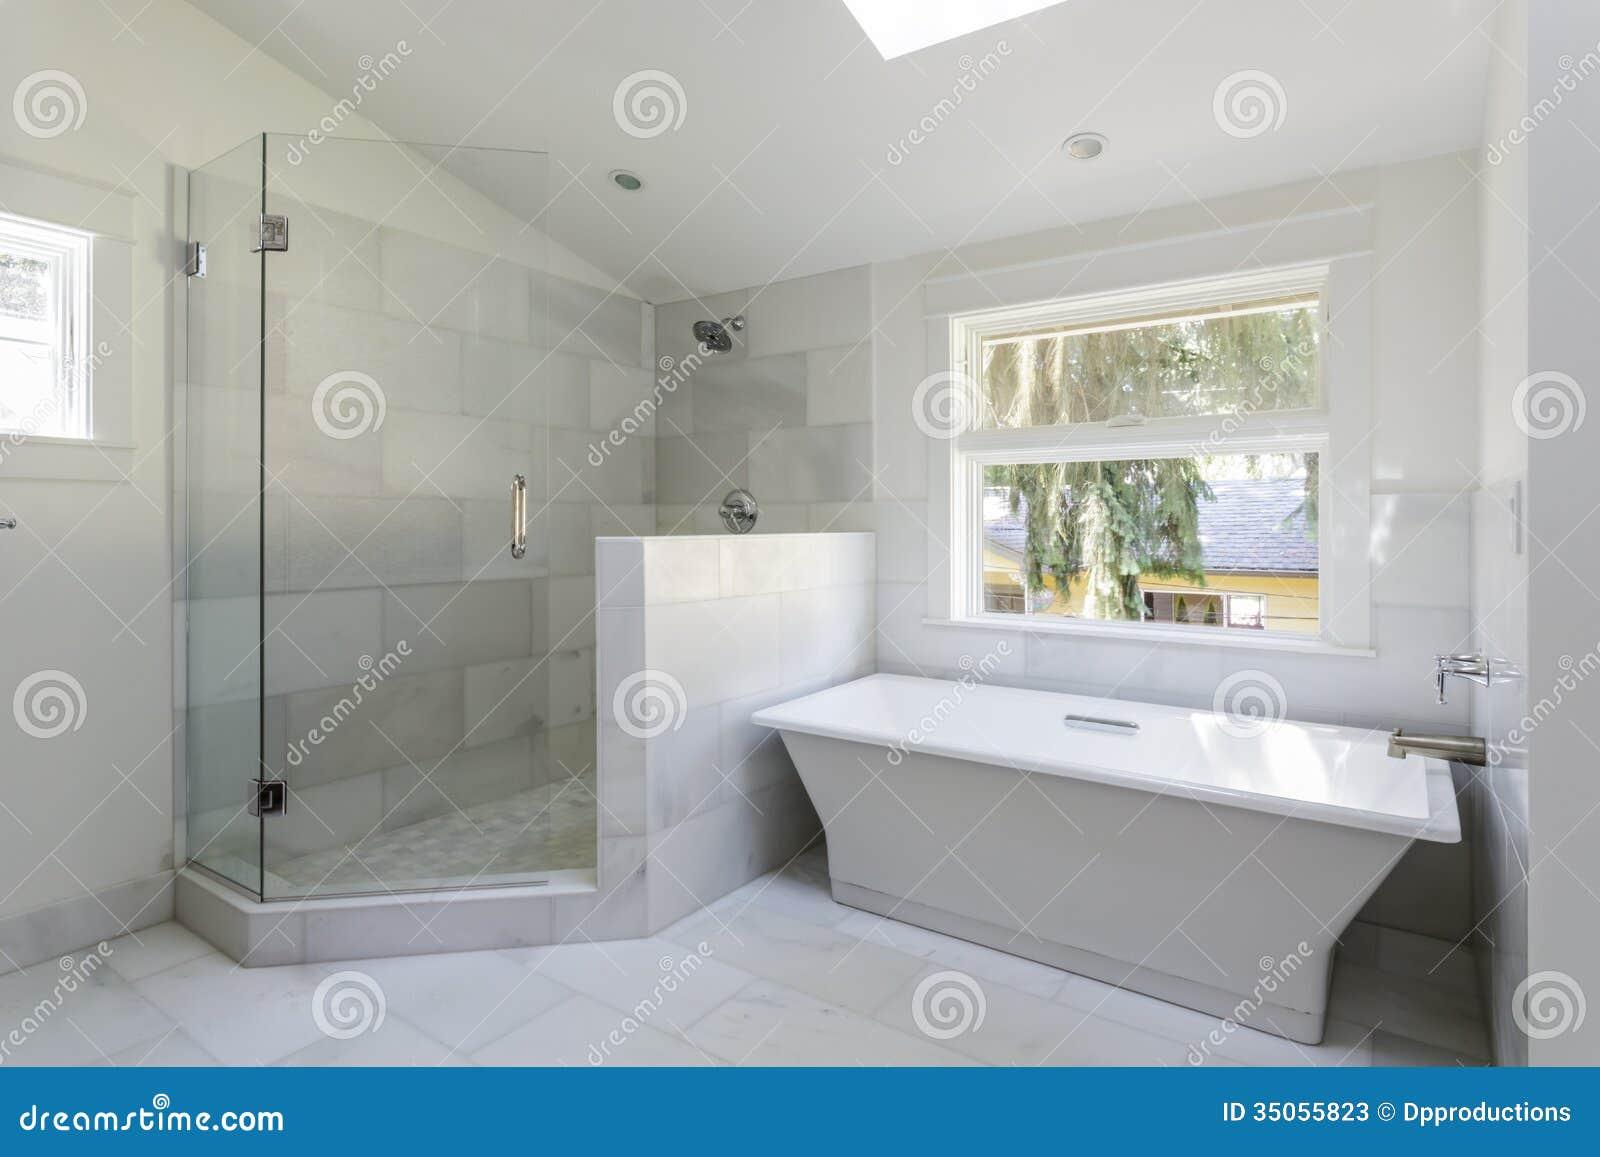 Salle de bains moderne avec la douche et la baignoire for Salle de bain moderne avec douche